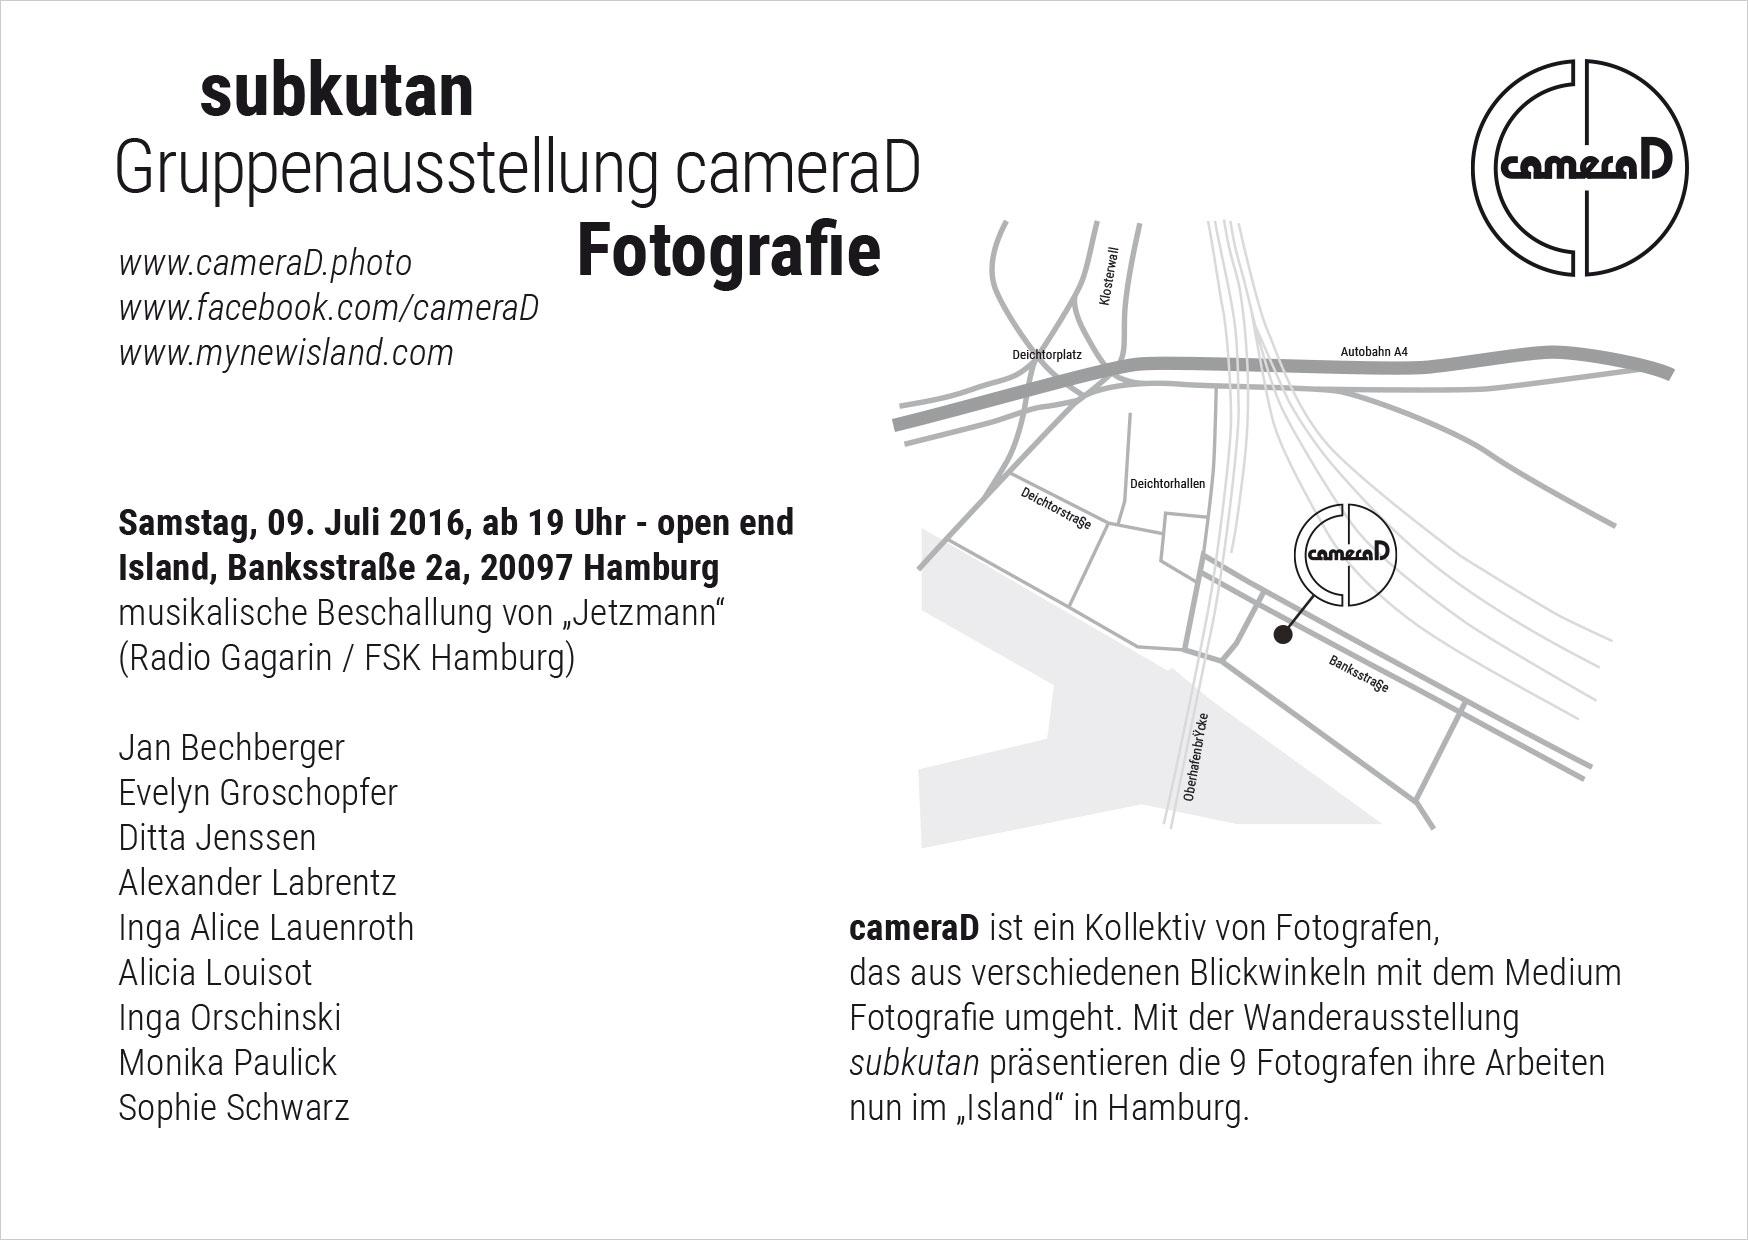 cameraD subkutan in Hamburg